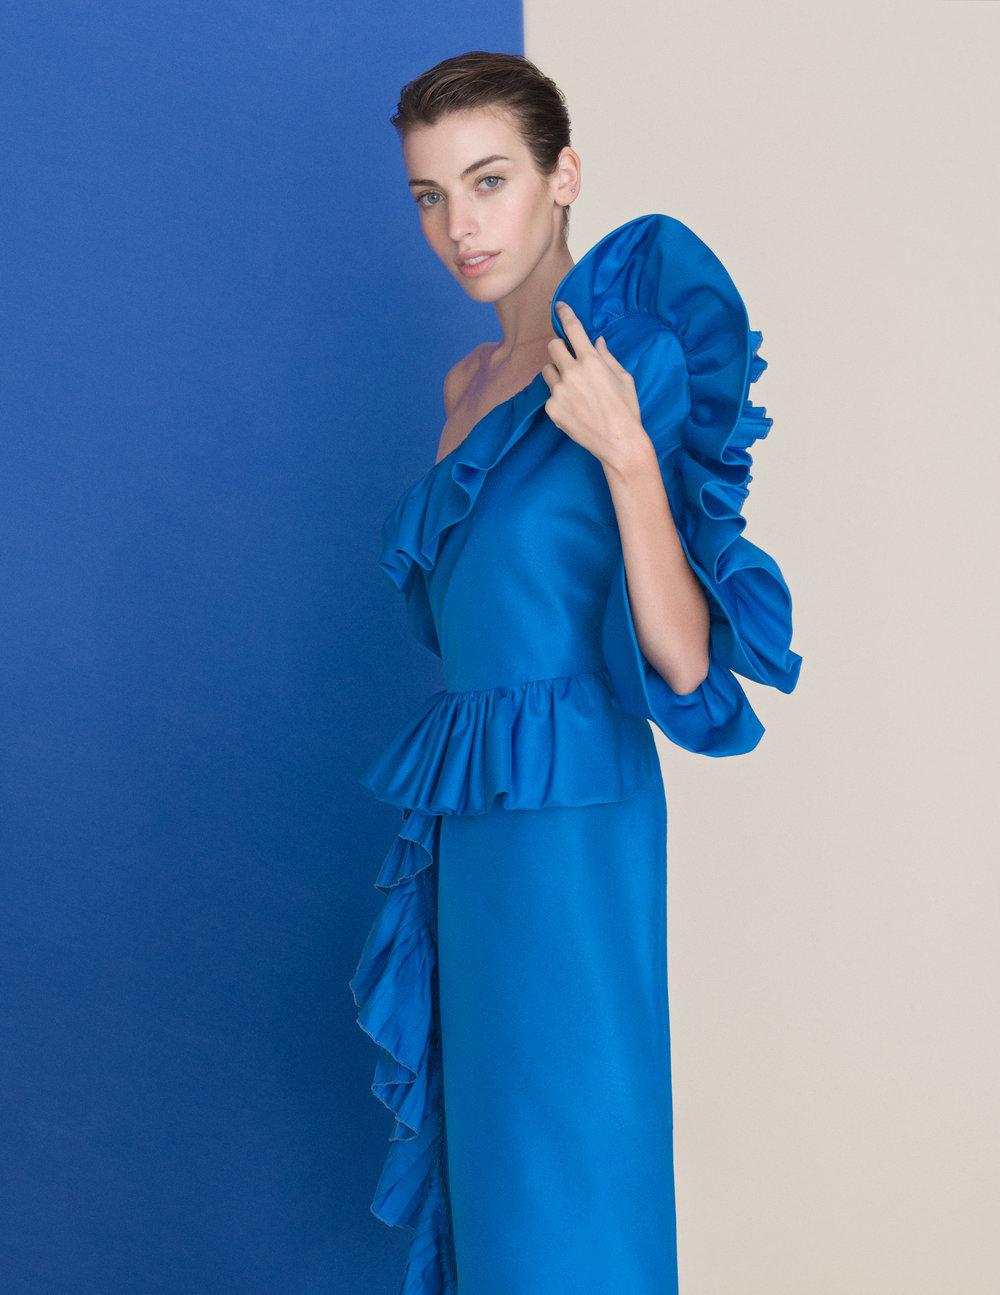 Vanity Fair - Selin Bursalioglu / Clara McGregor